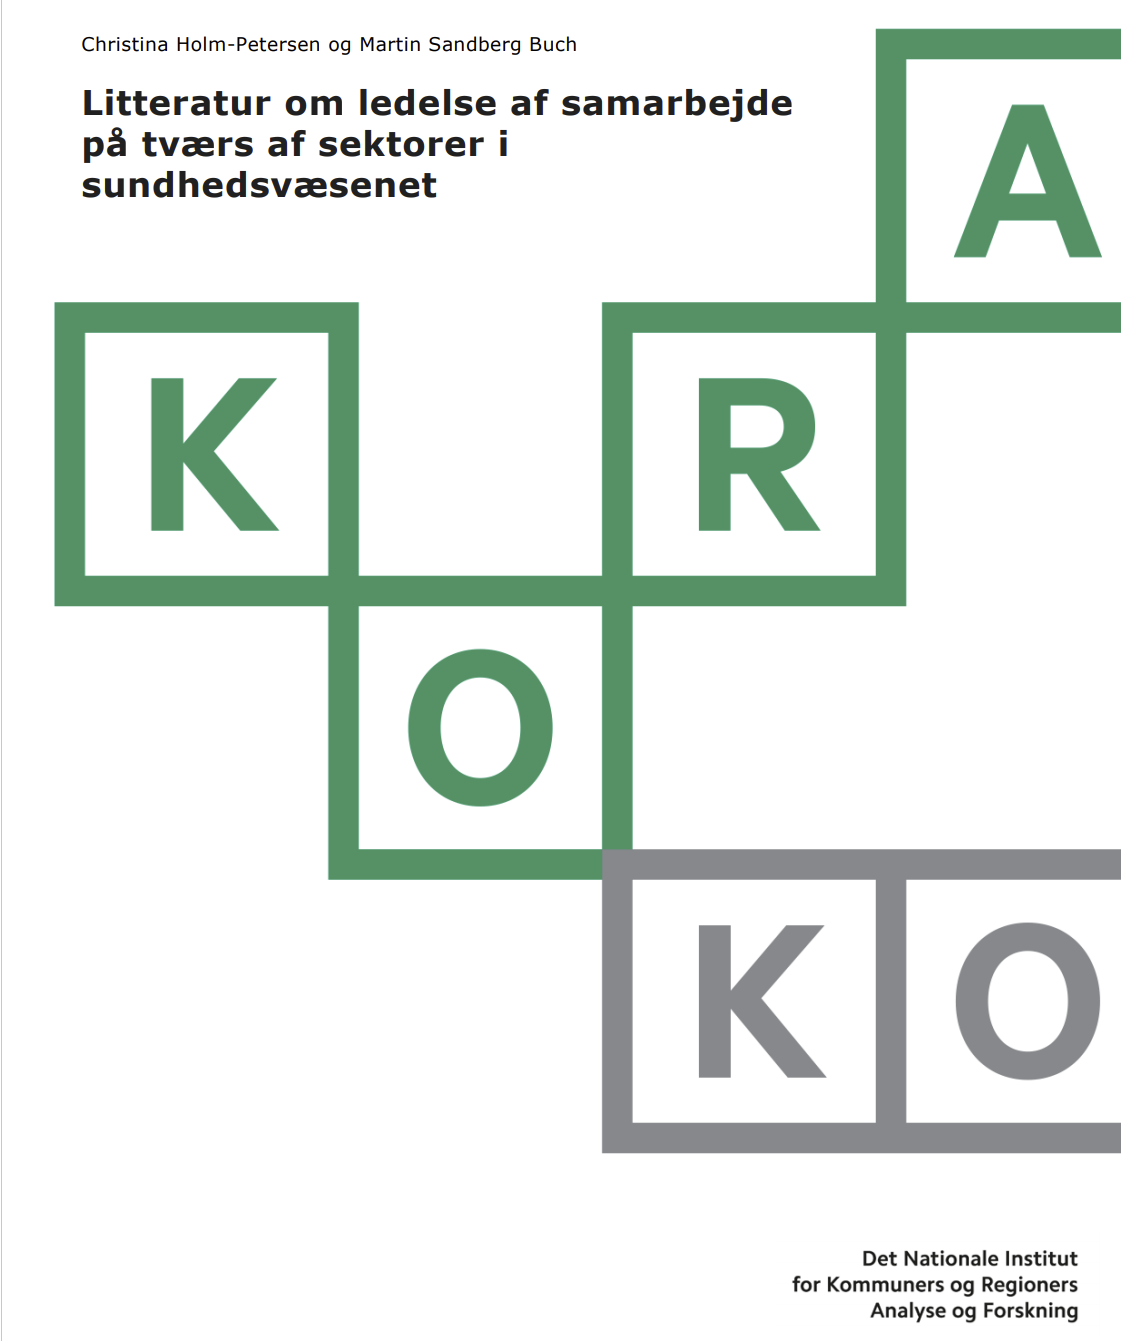 Litteratur om ledelse af samarbejde  på tværs af sektorer i  sundhedsvæsenet